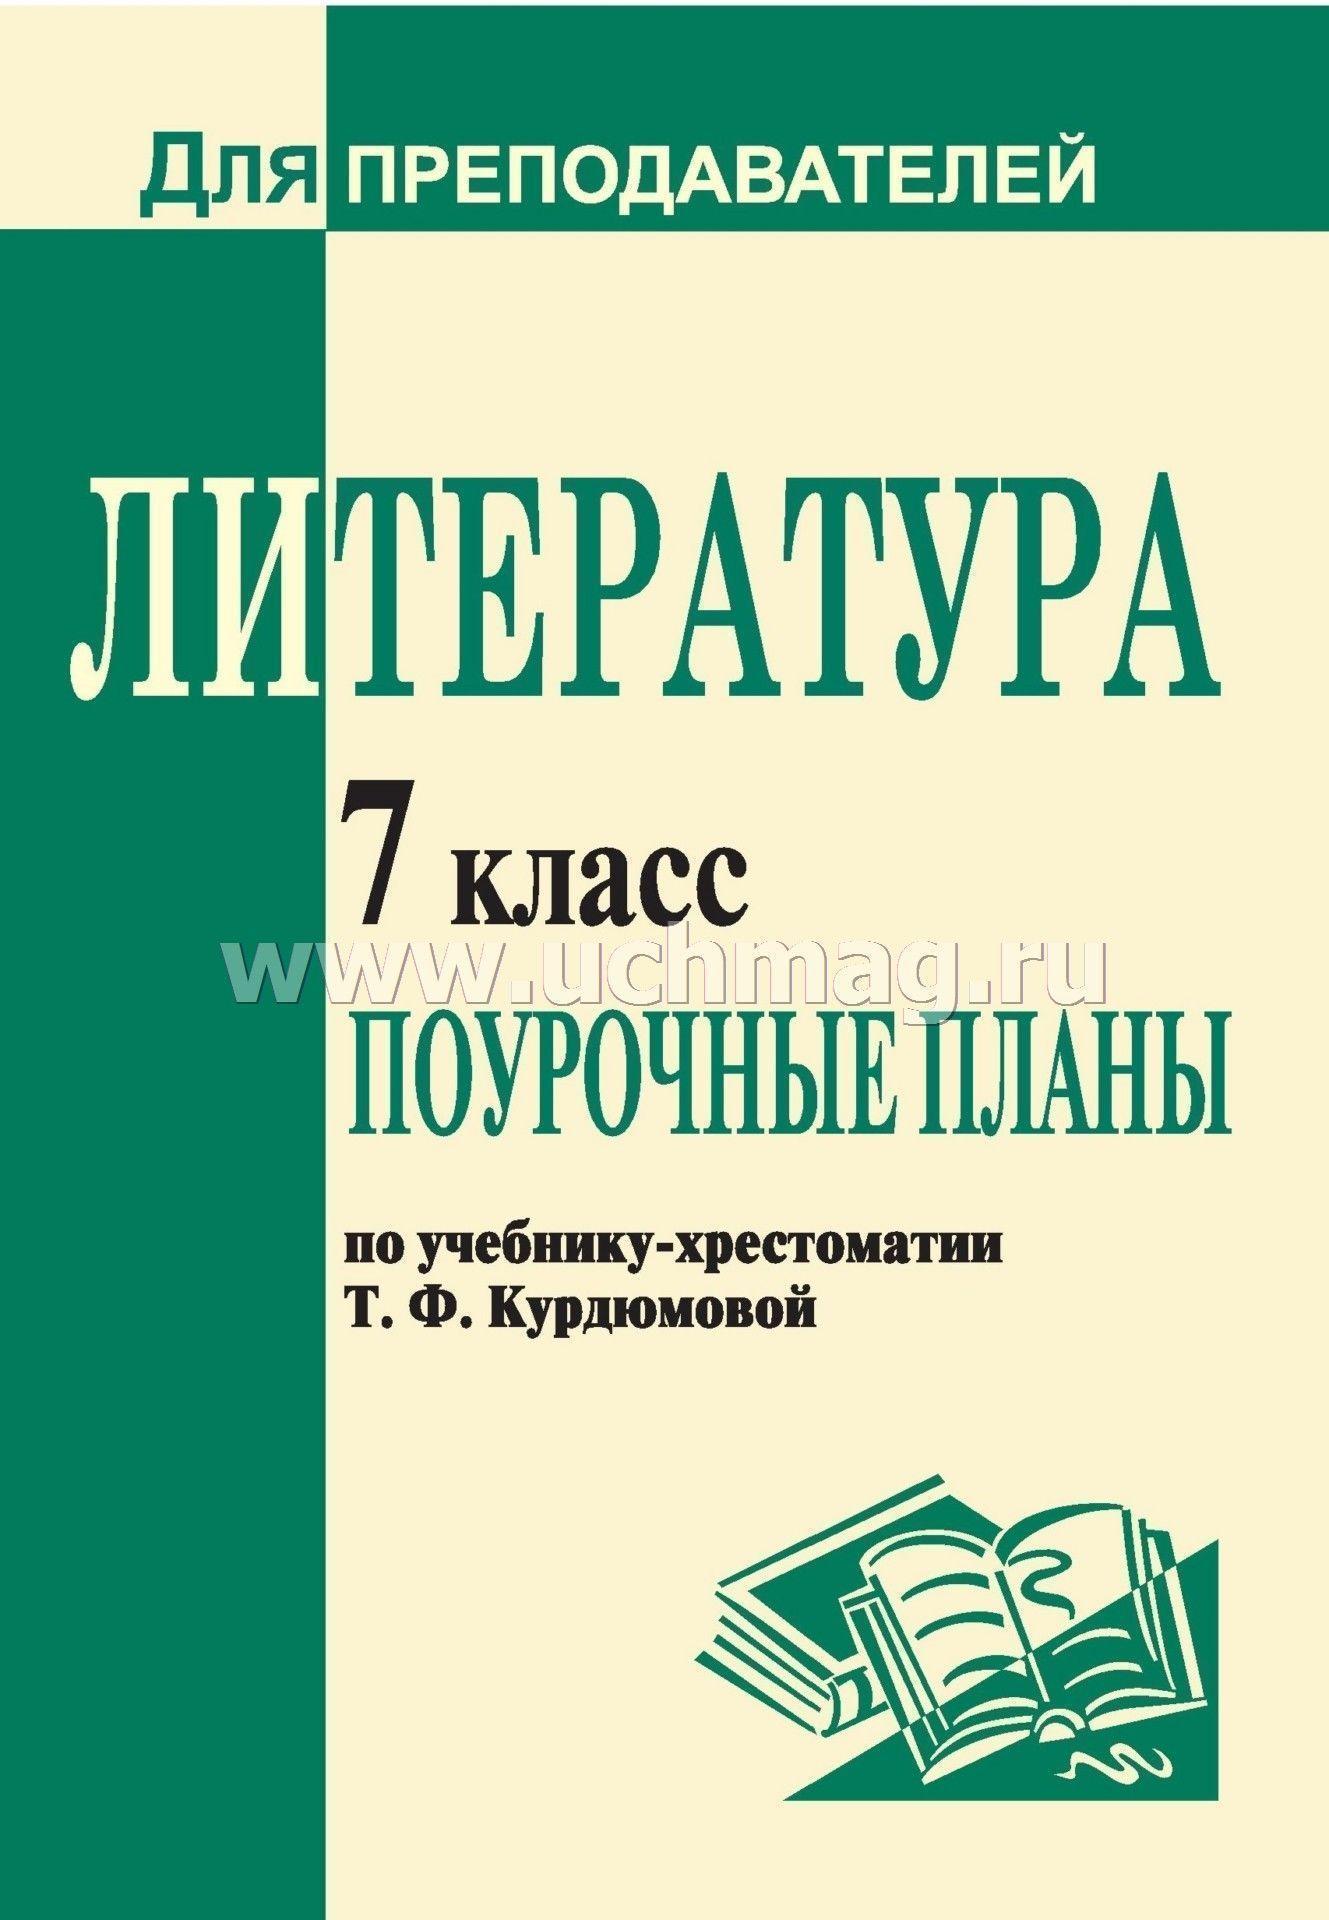 скачать поурочное планирование конспекта урока по русской литературе для 5 класса - а.п.платонов. ра